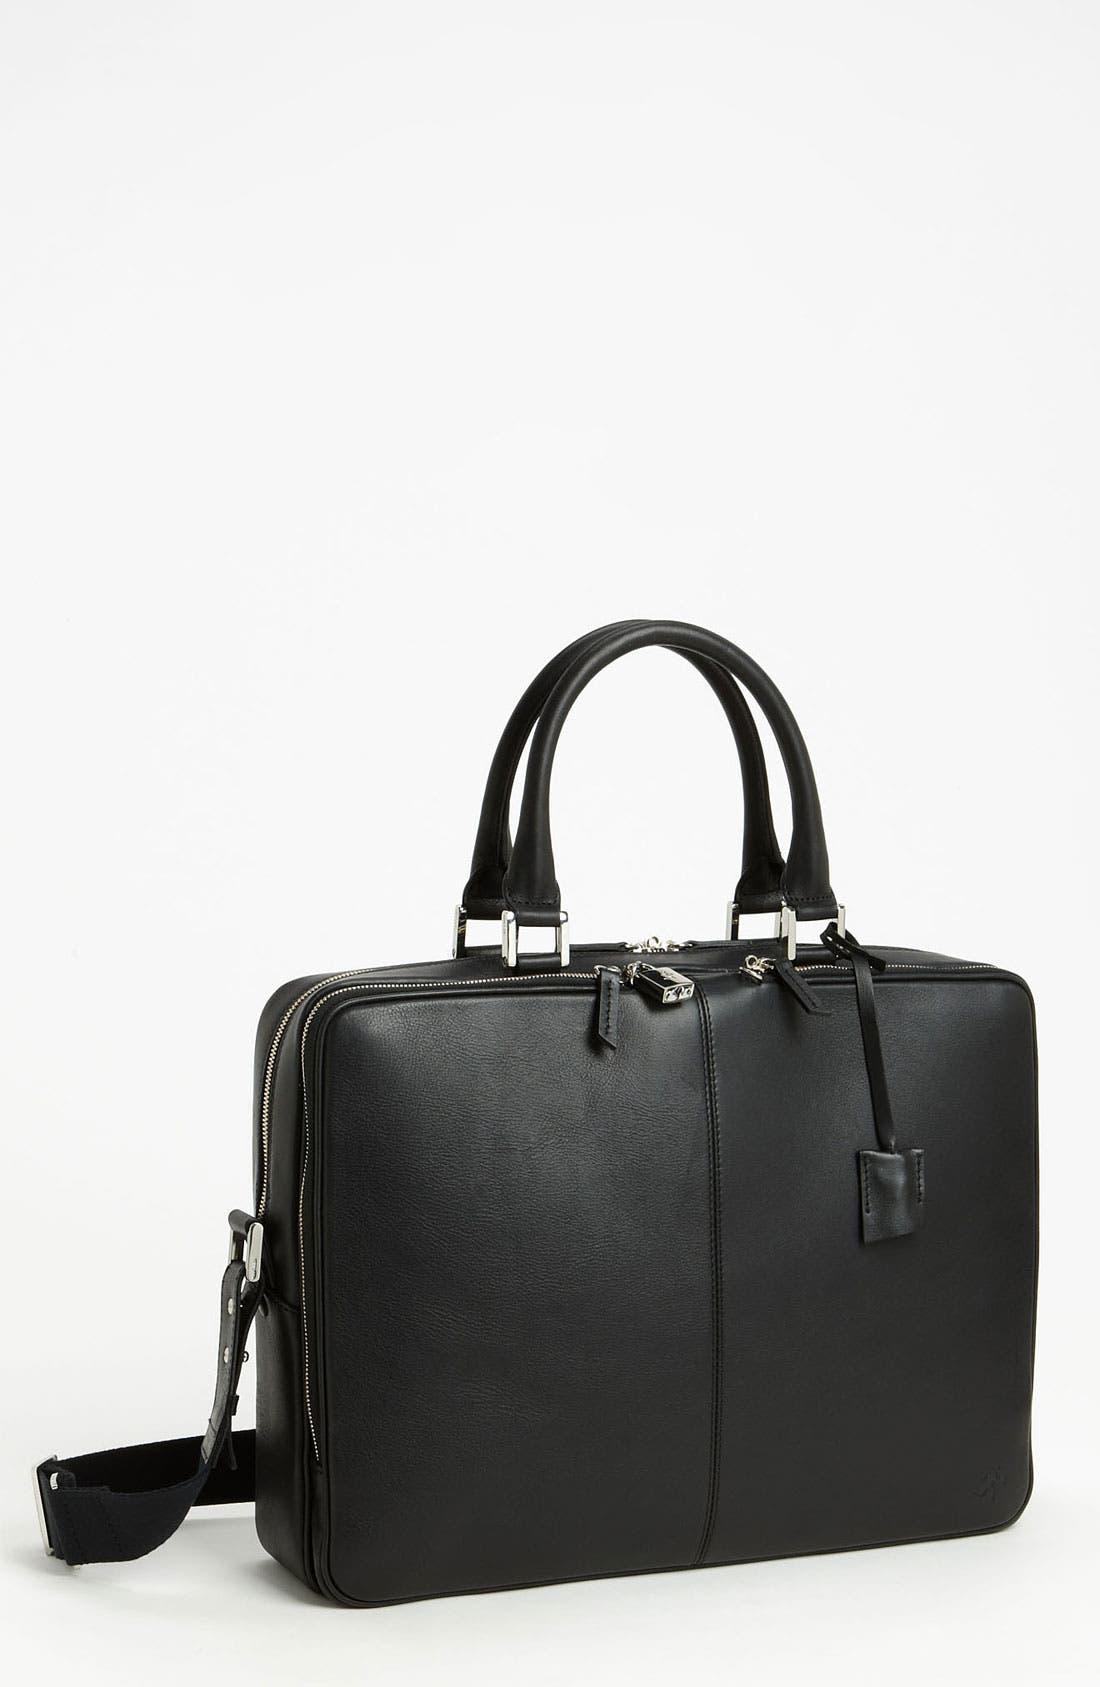 Alternate Image 1 Selected - WANT Les Essentiels de la Vie 'Trudeay' Leather Briefcase